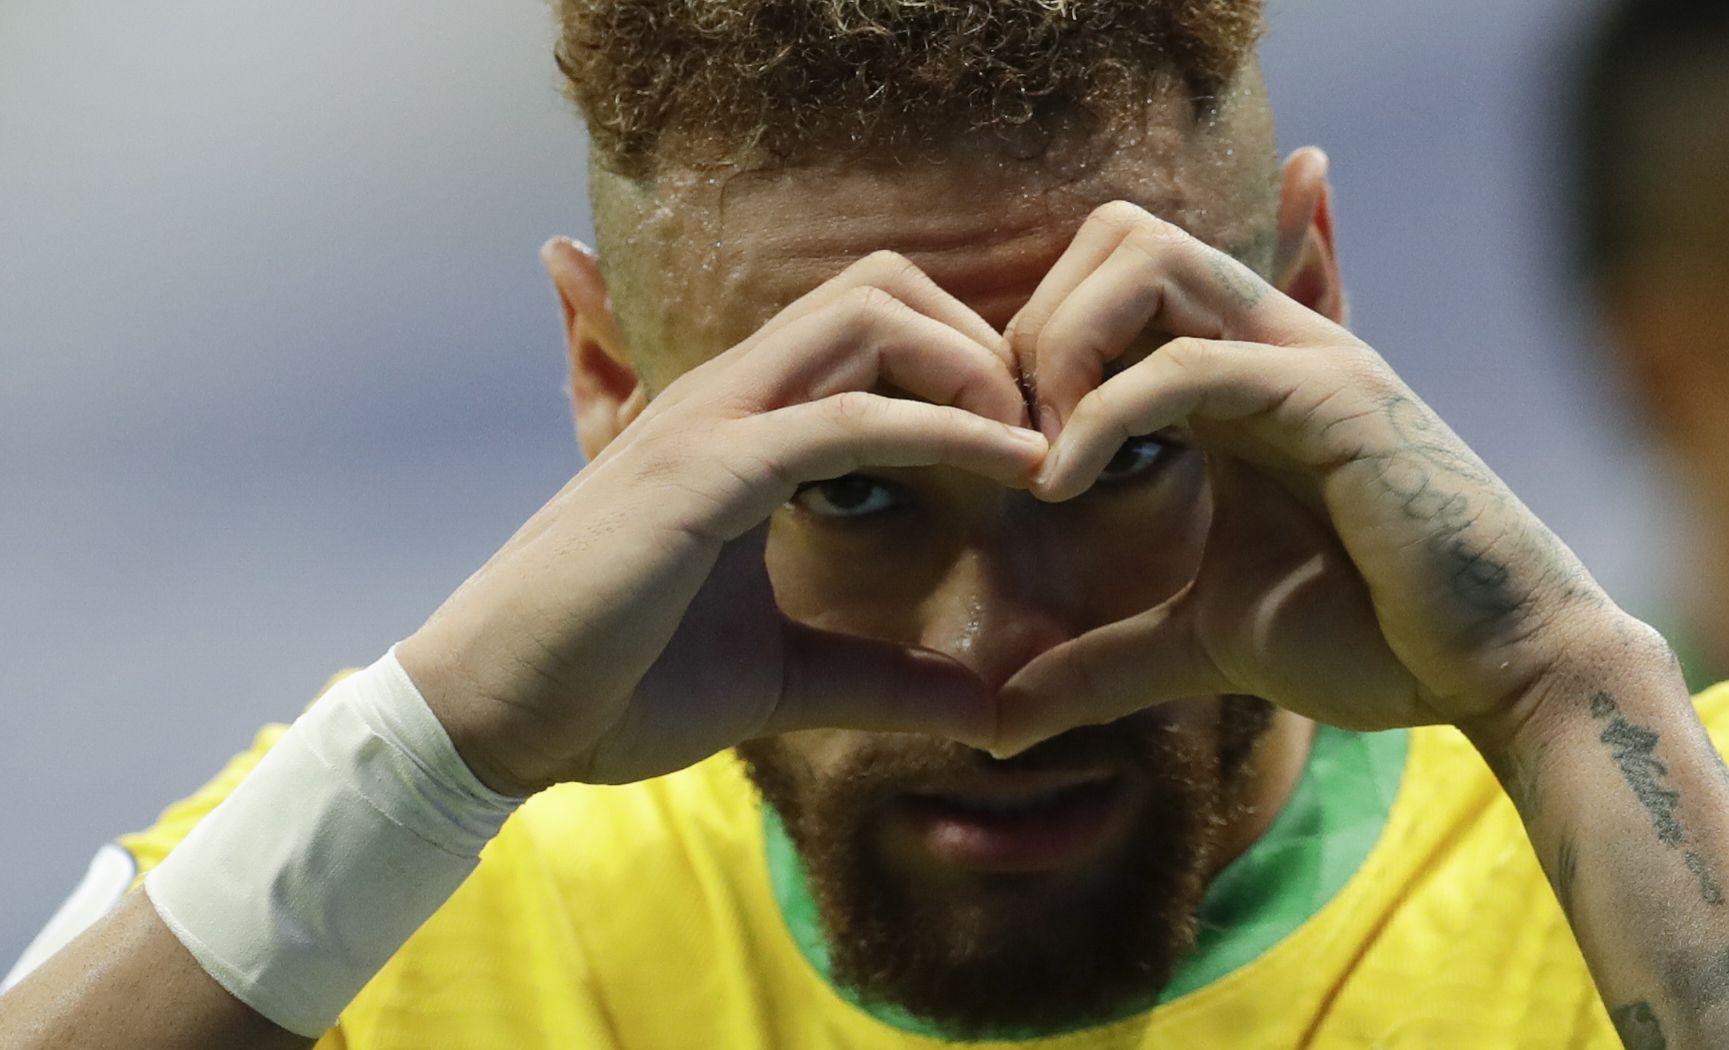 13 юни 2021 г. - Неймар празнува втория гол за Бразилия срещу Венецуела след изпълнение на дузпа по време на футболния мач от Копа Америка на Националния стадион в столицата Бразилия.